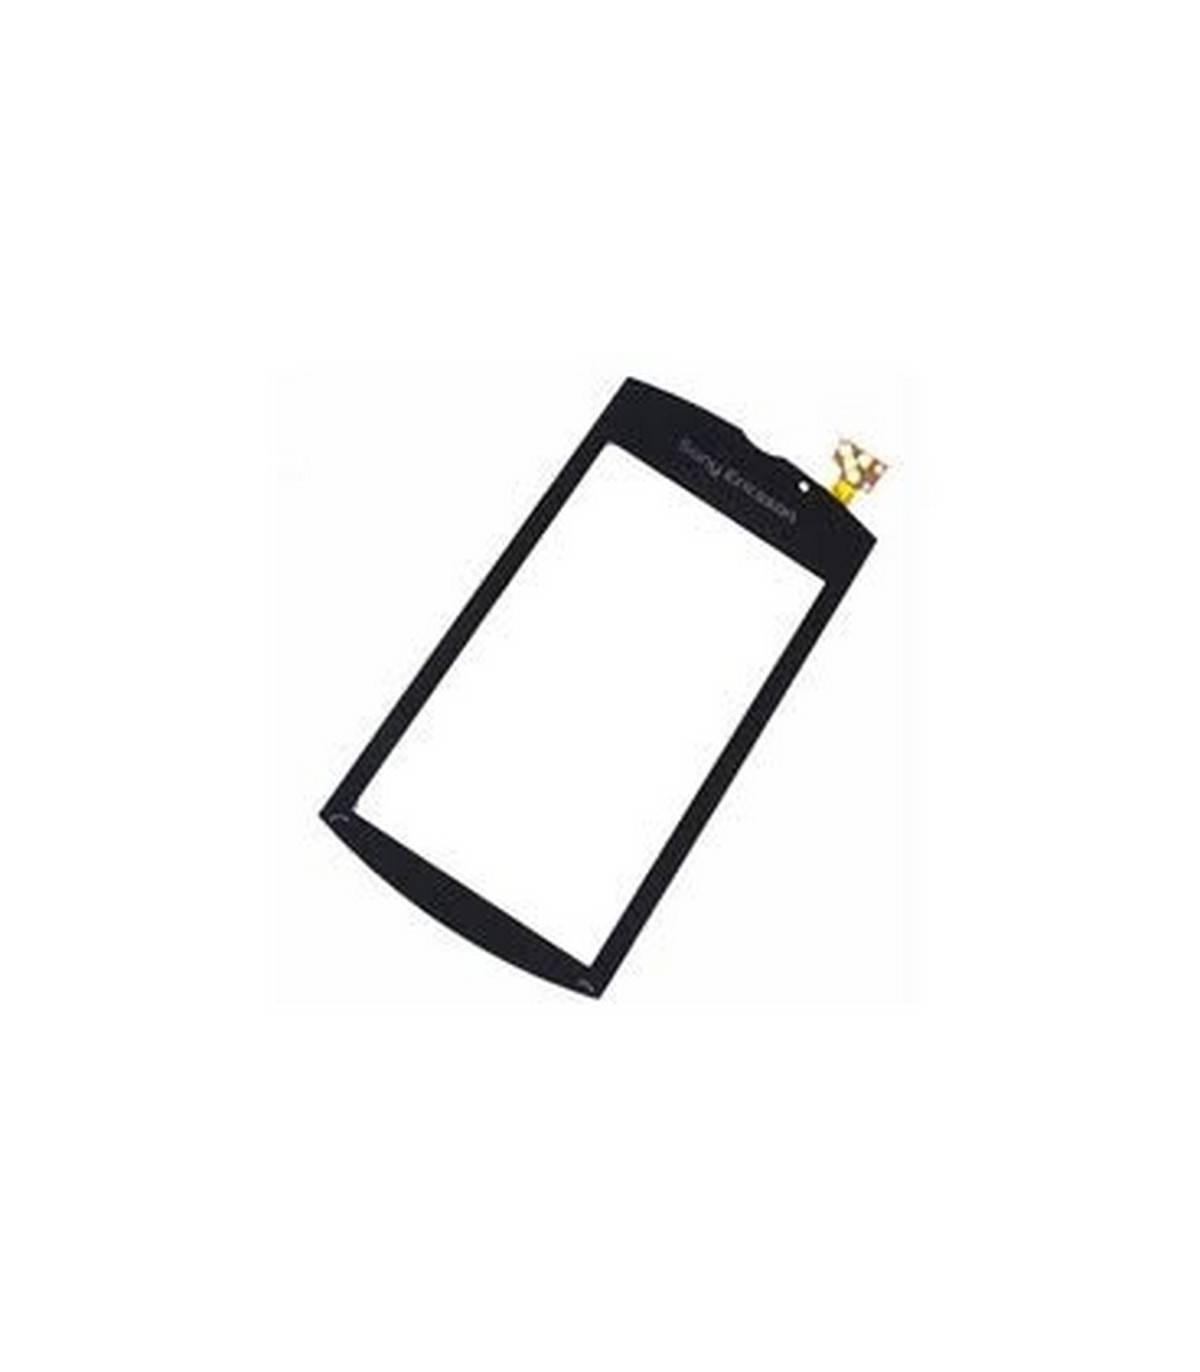 Sony Ericsson U5 Vivaz digitalizador